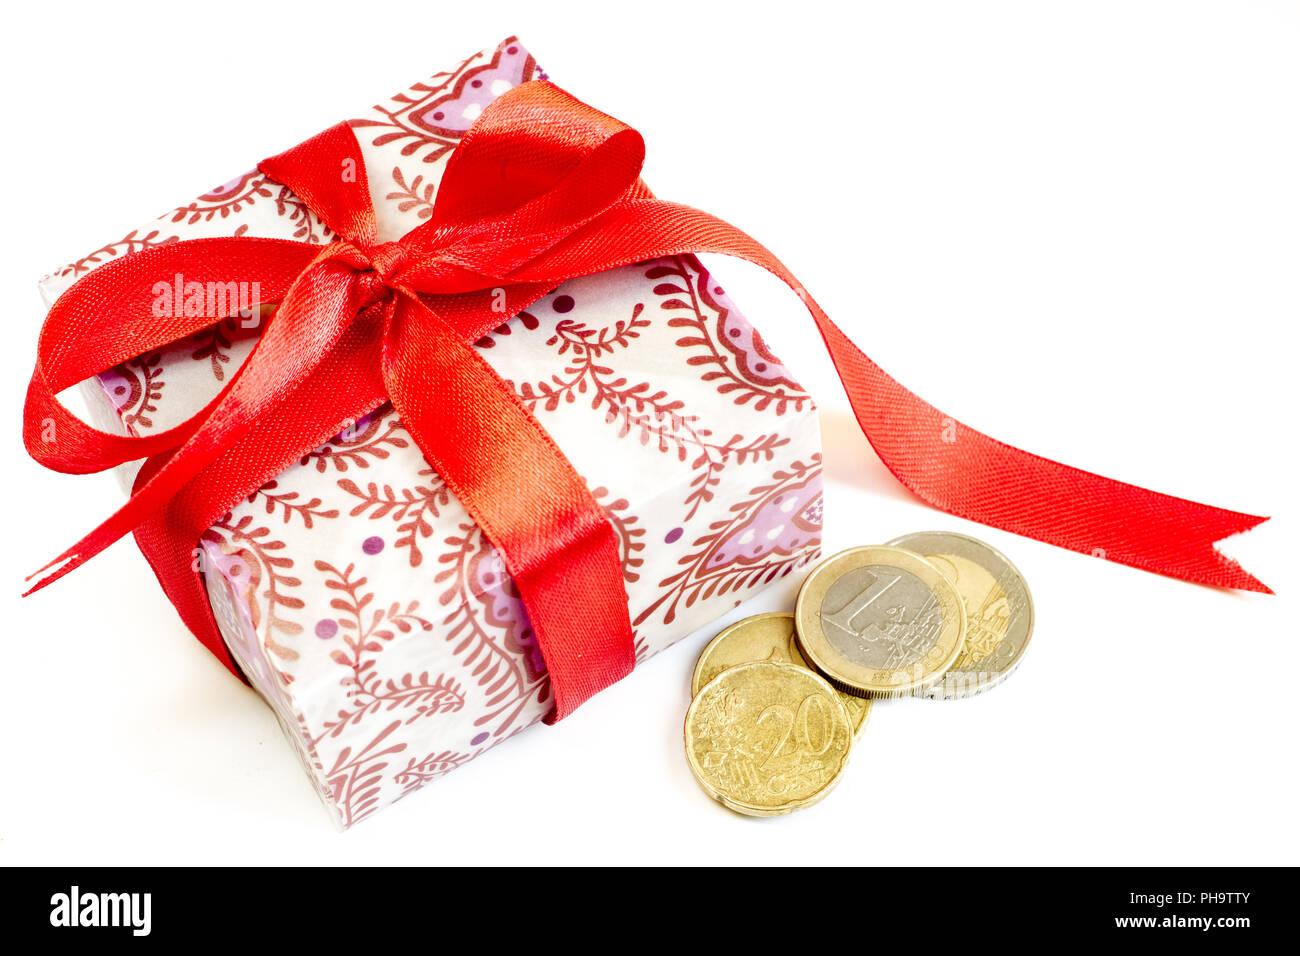 Weihnachten Geschenk Euro Münzen Stockfoto Bild 217190651 Alamy